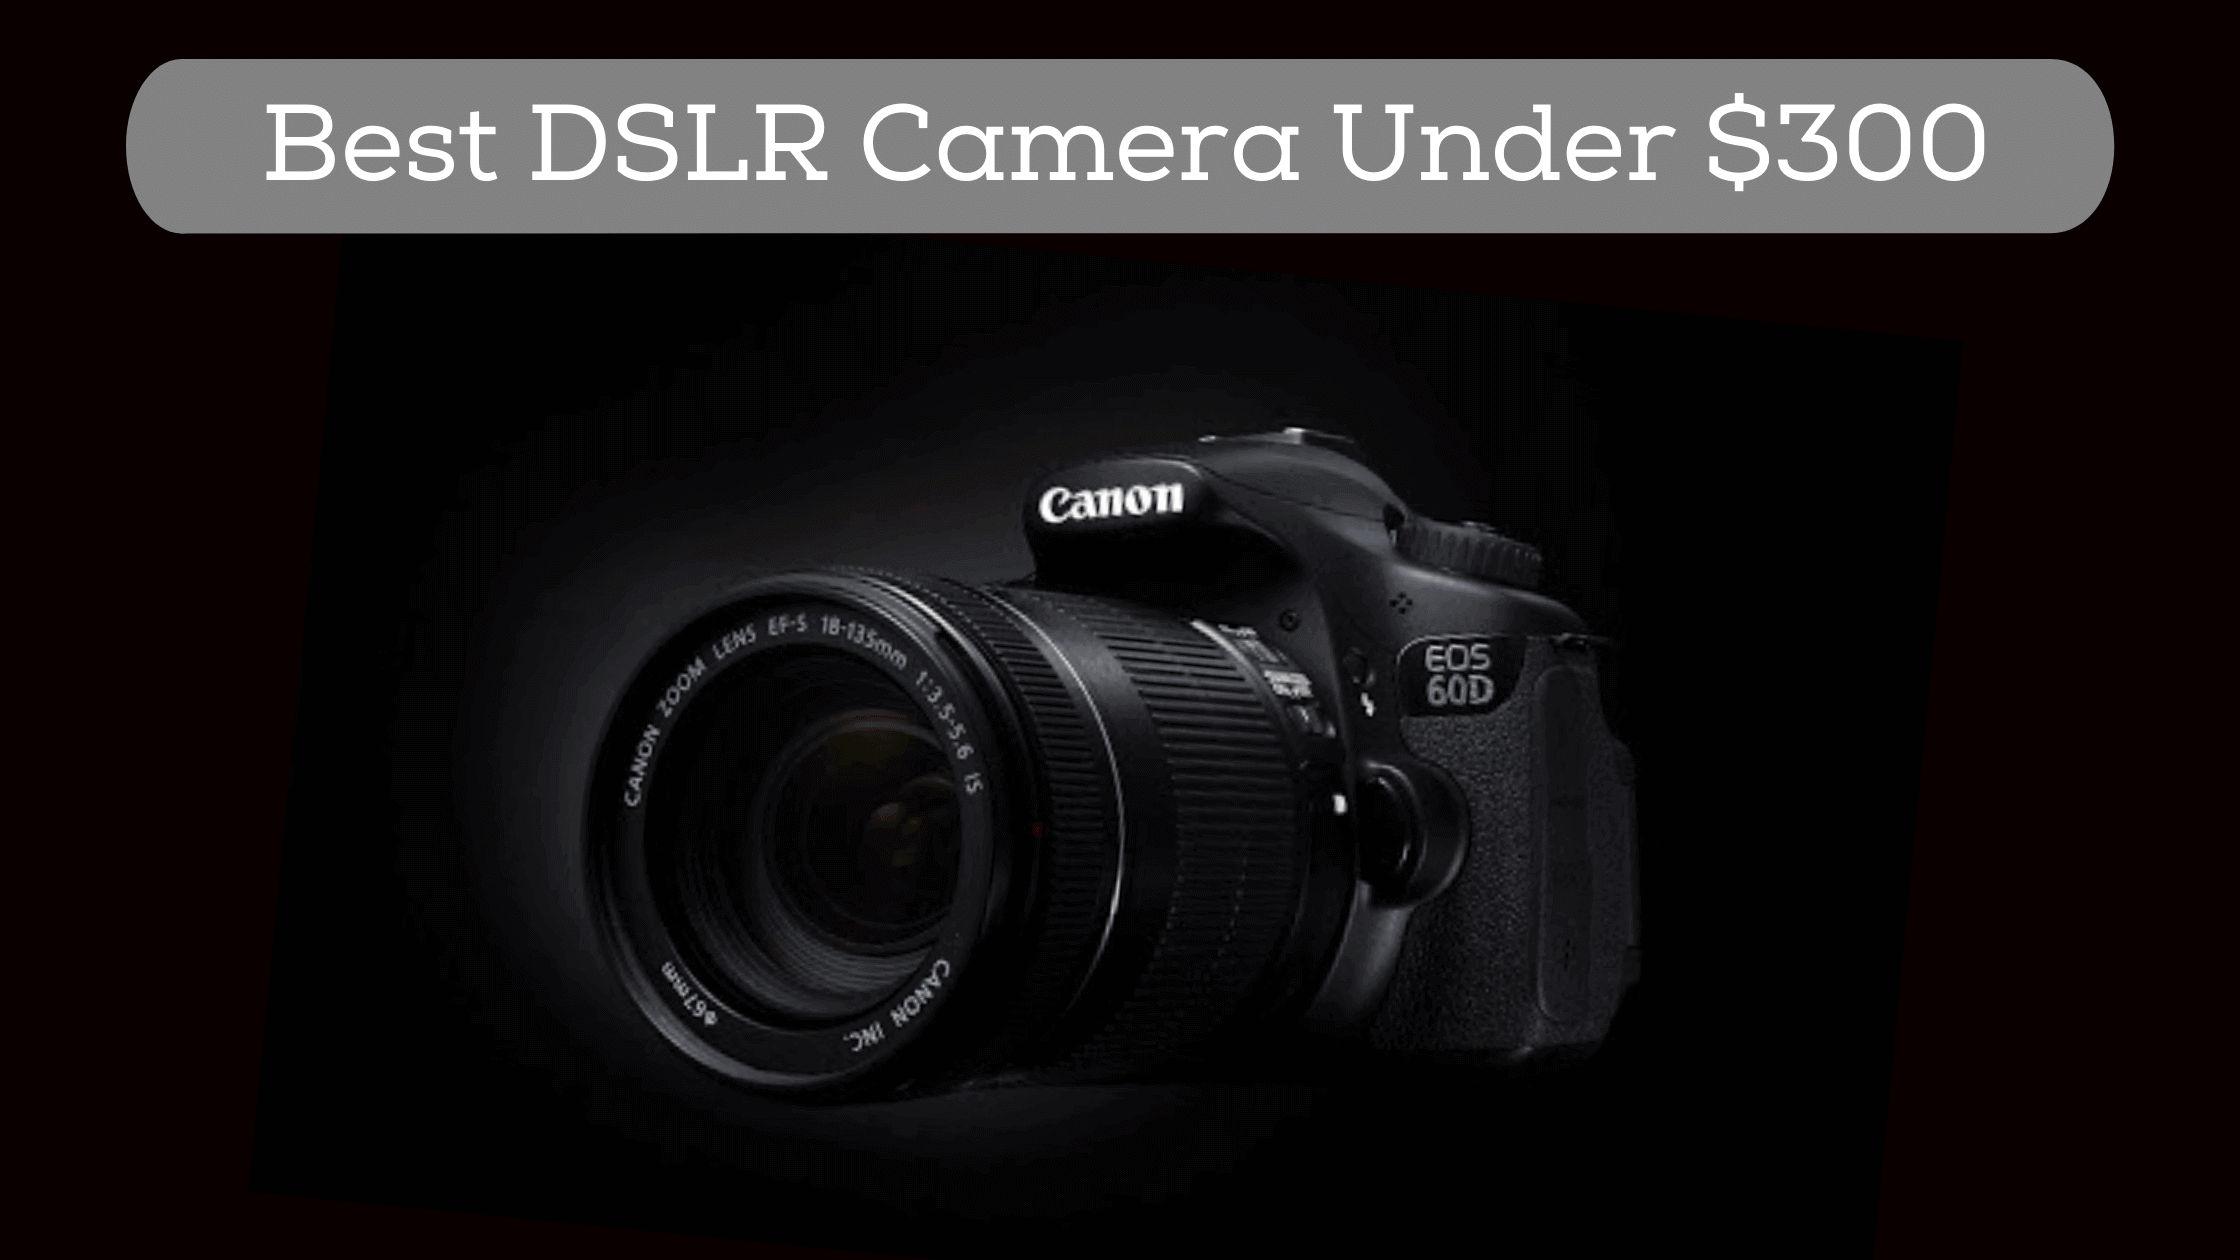 best dslr camera under $300